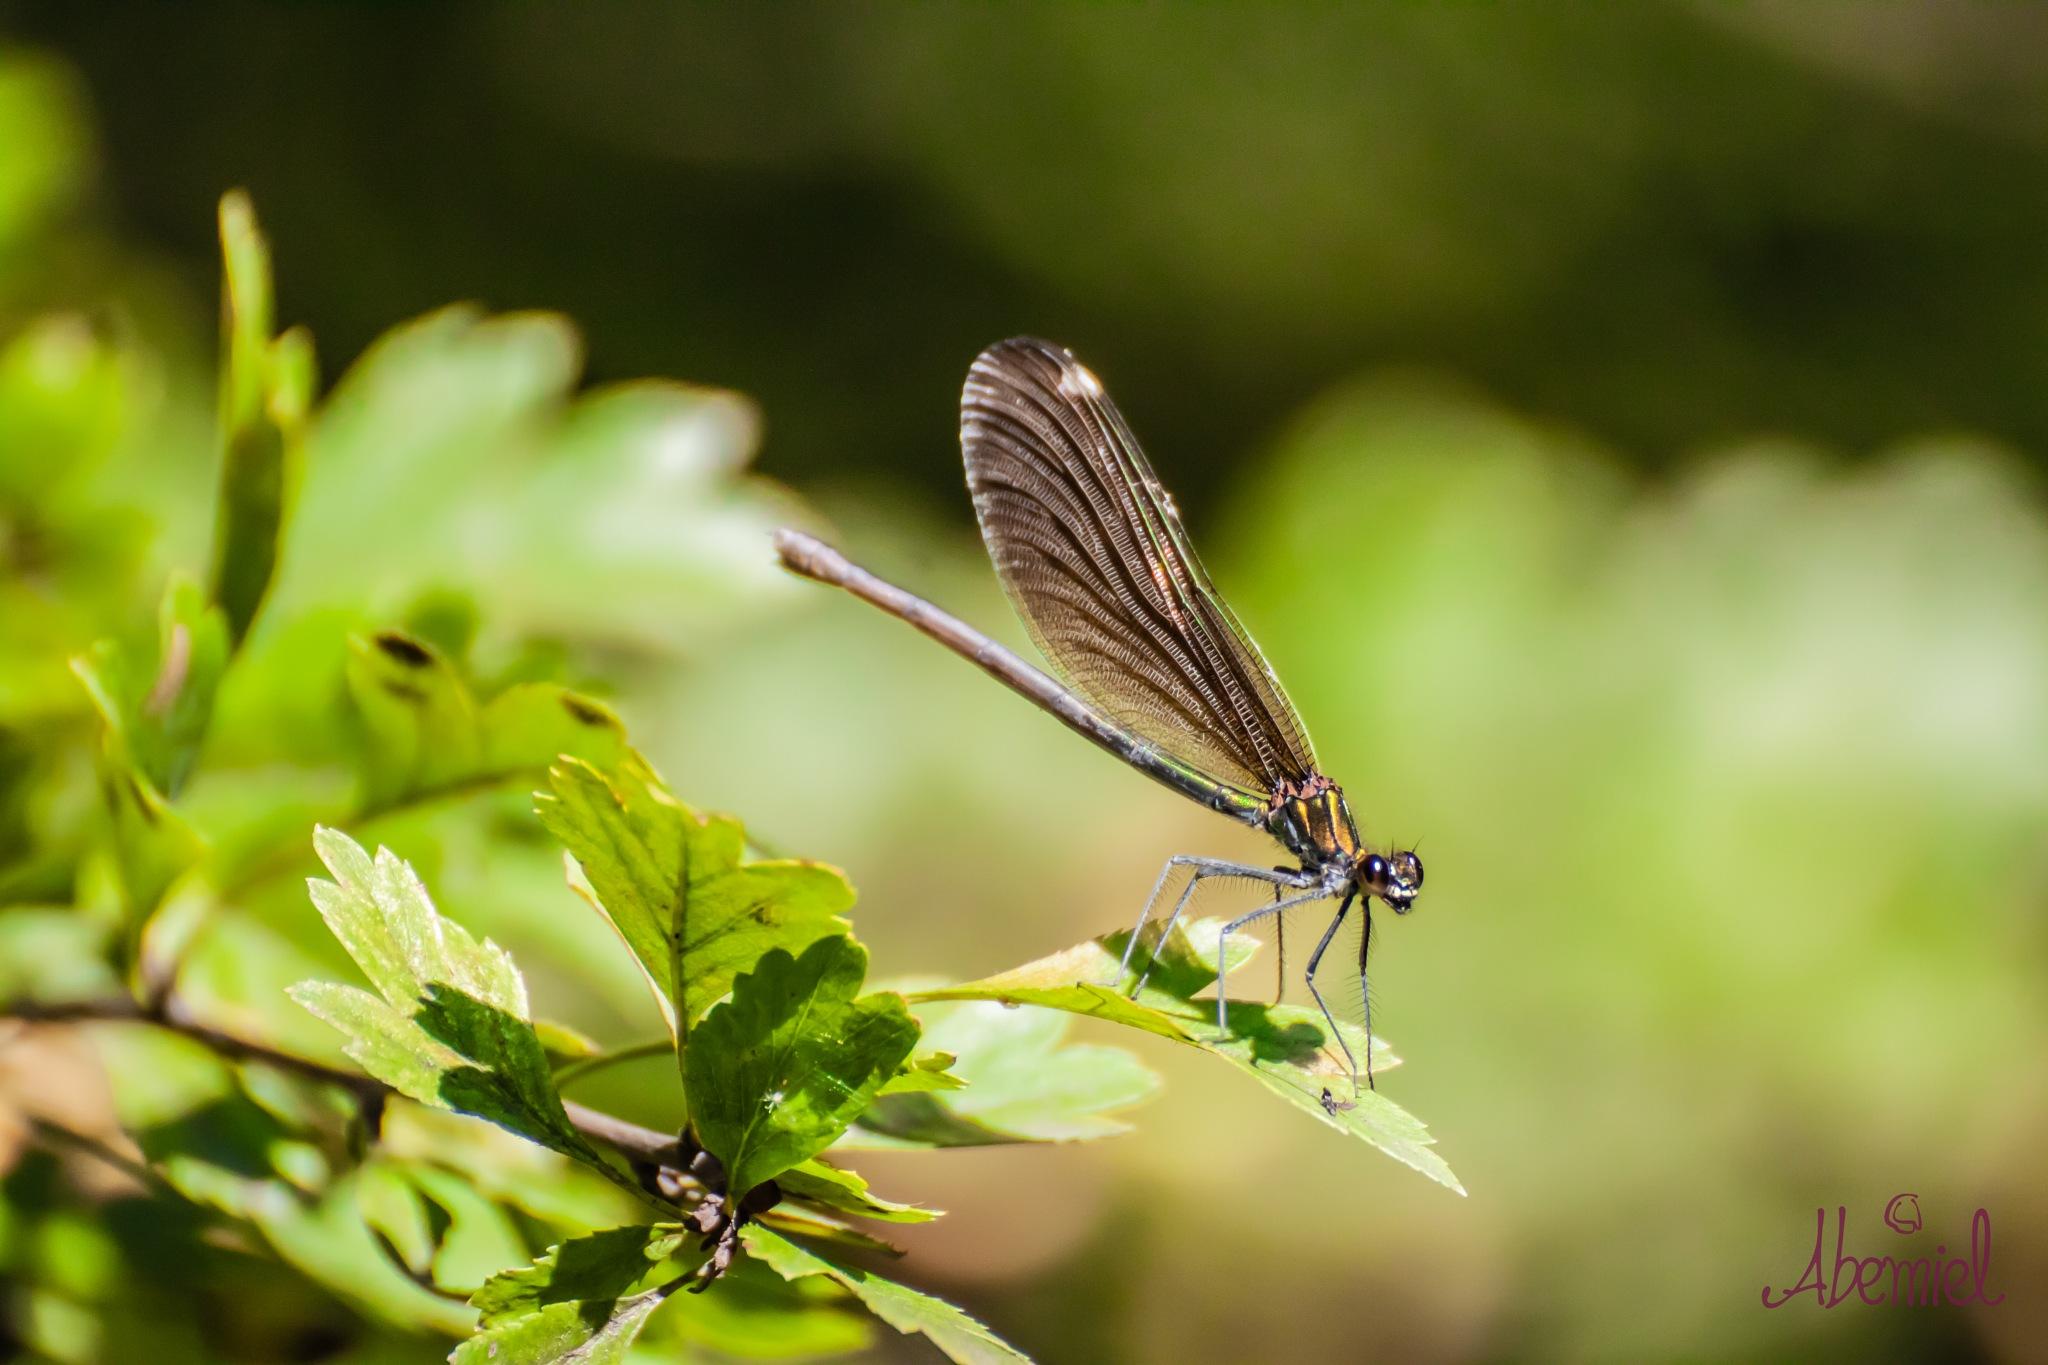 Brown Dragonfly by carolina.abemiel